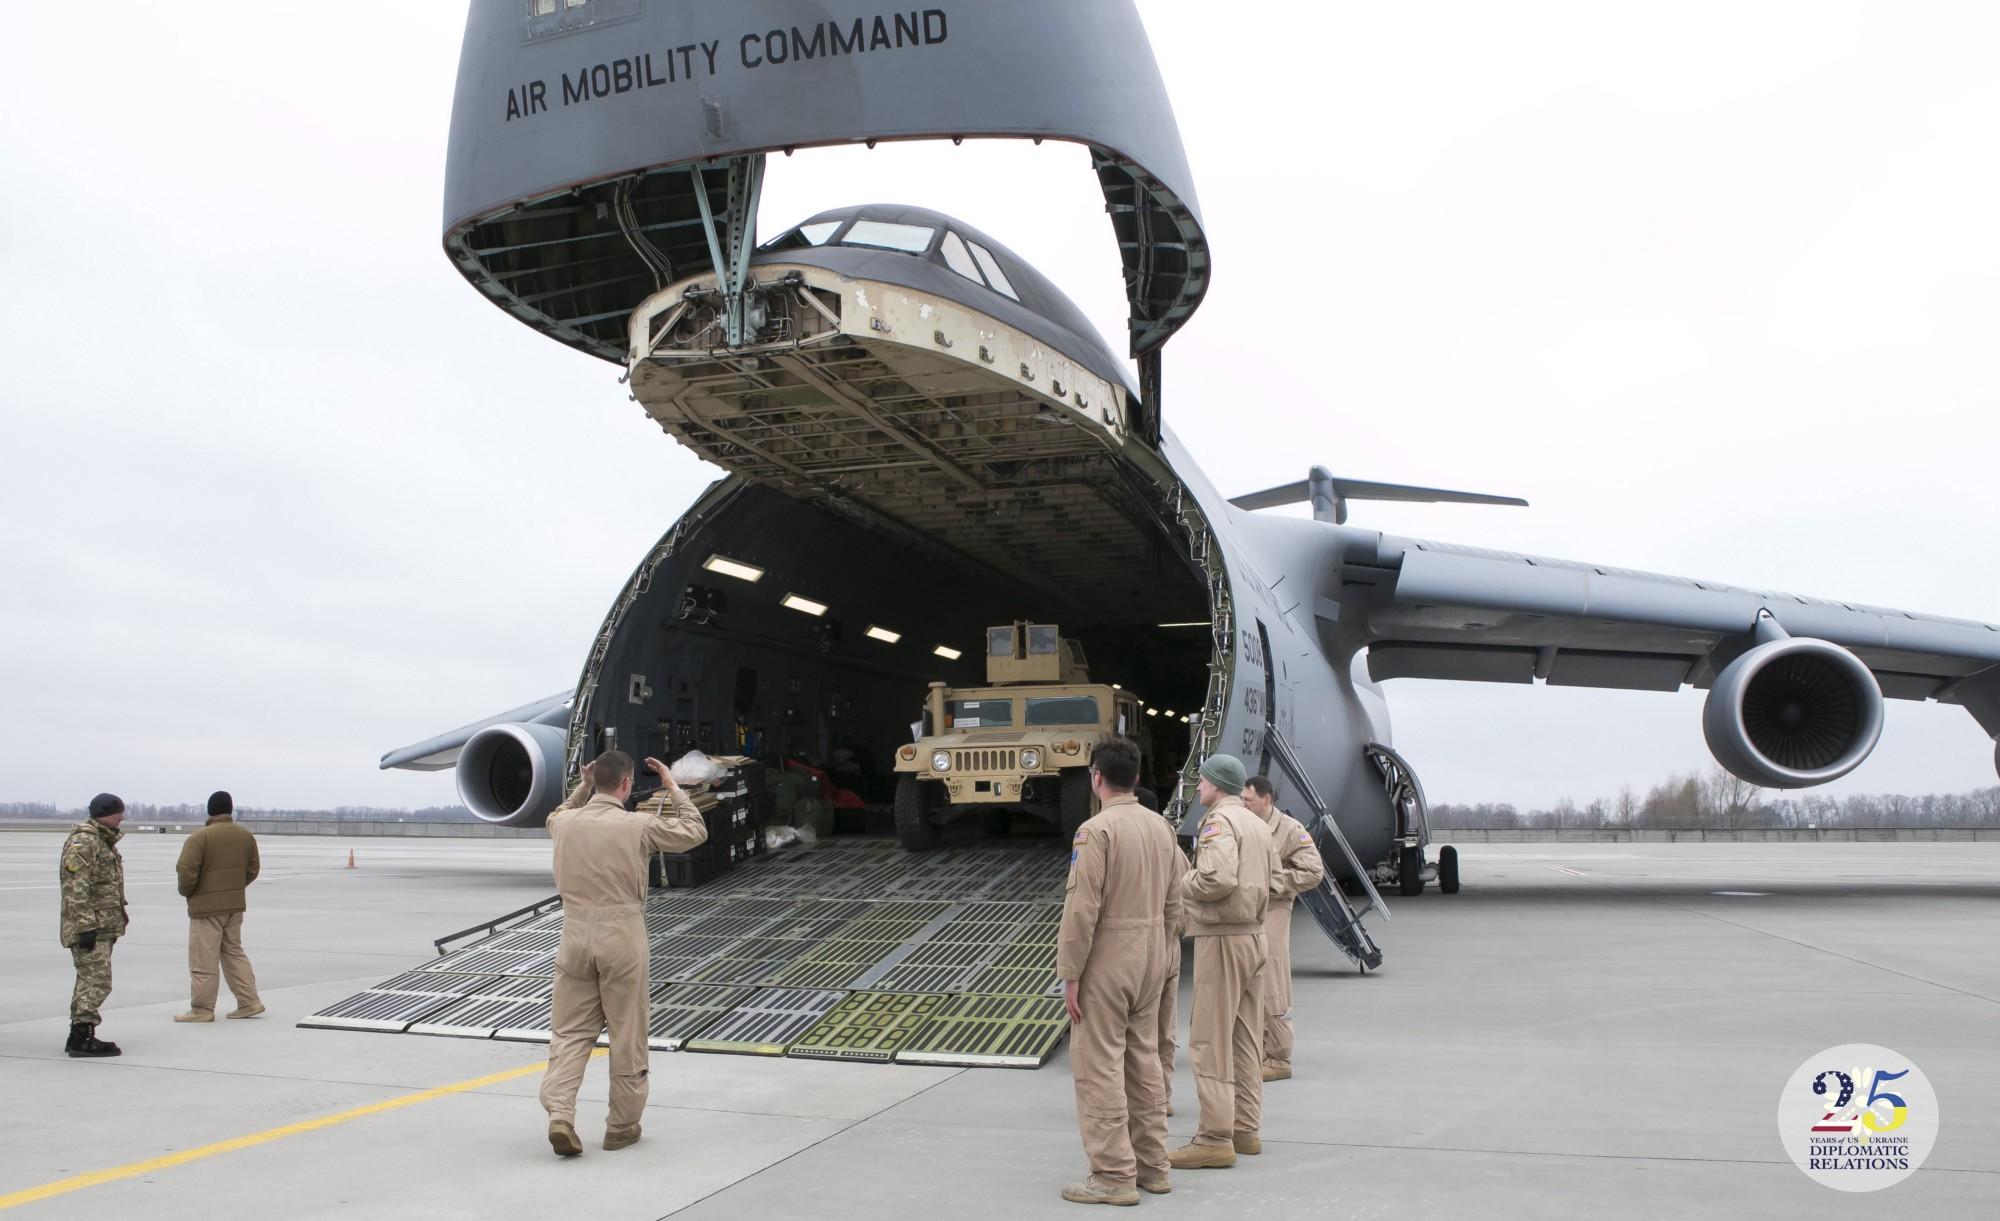 США предоставляют Украине партию бронеавтомобилей Хамви в рамках военной помощи Украине, в 2015 году.